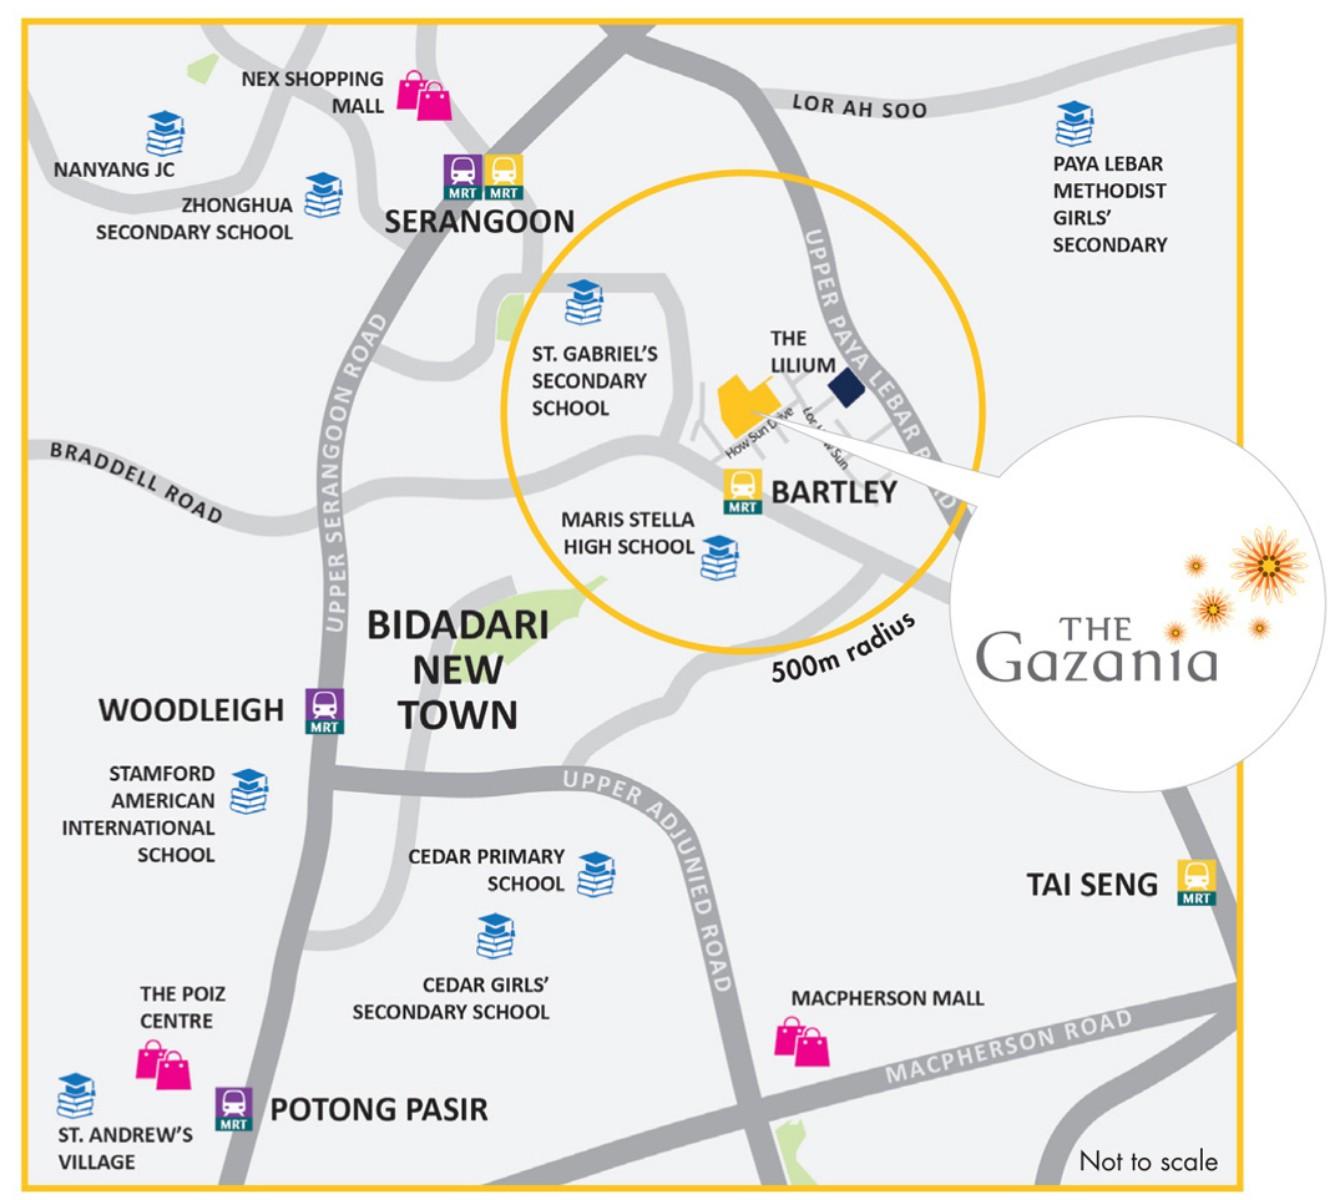 The_Gazania-location